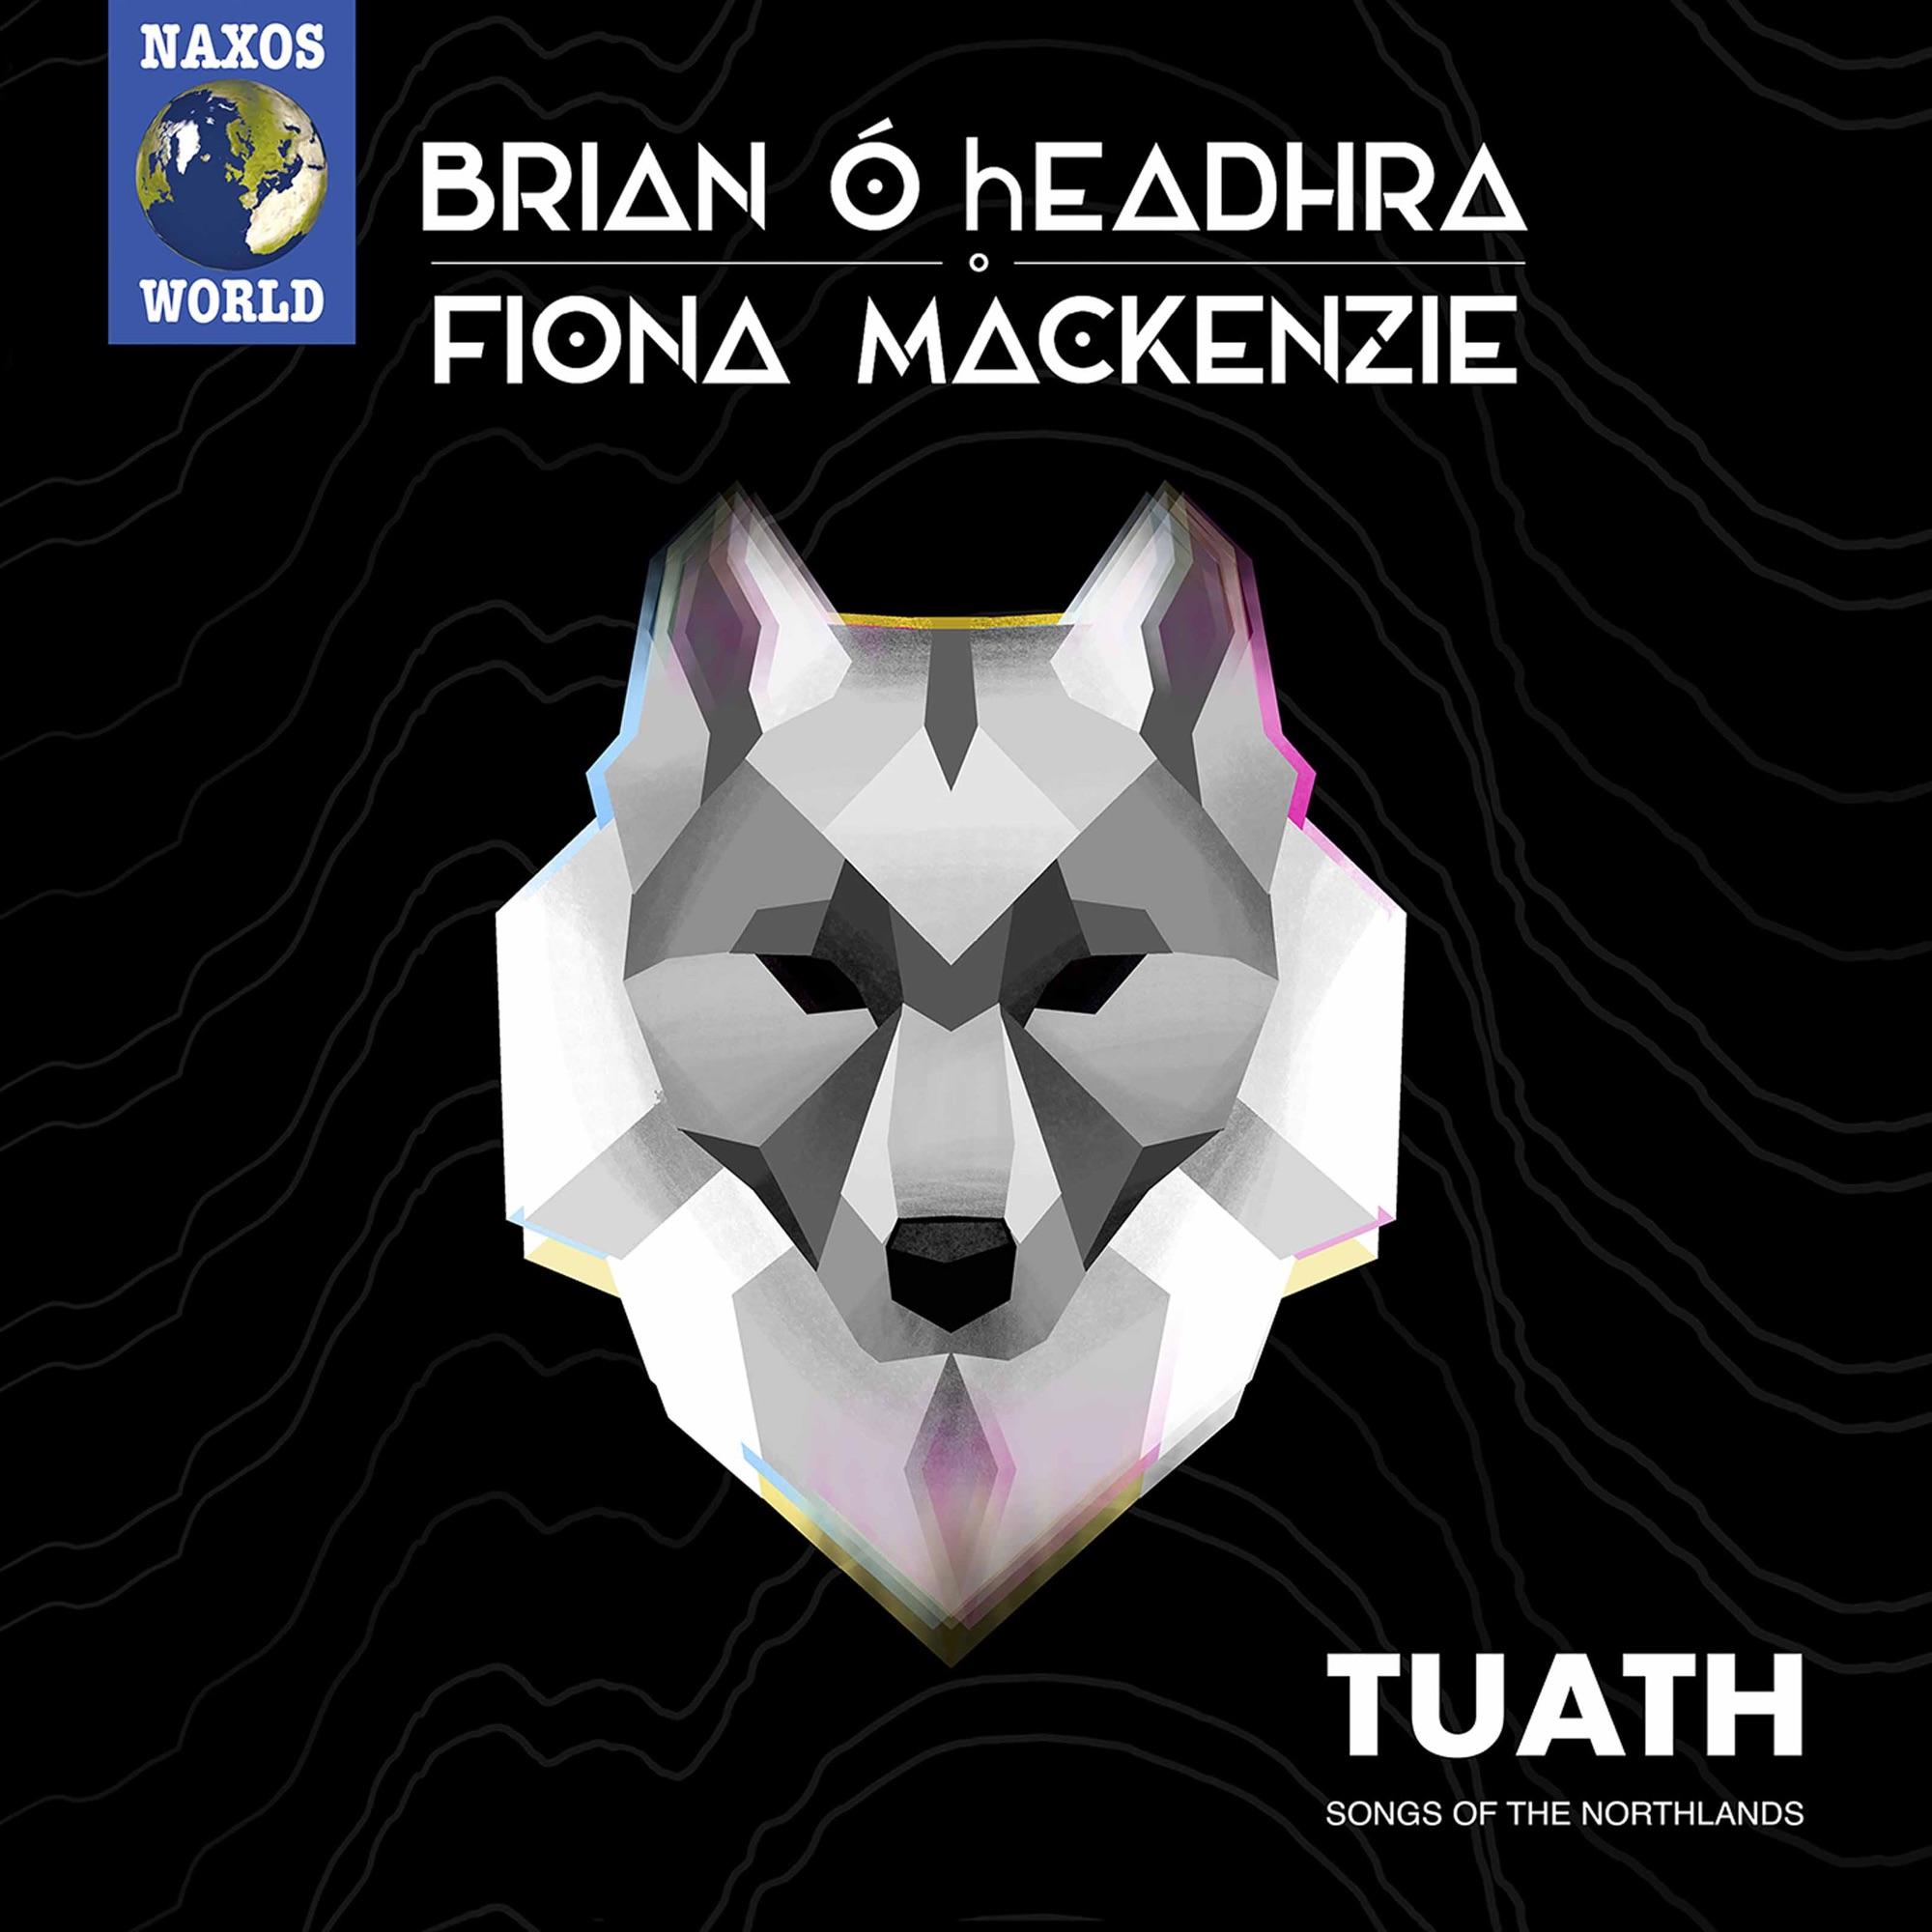 Art for Brianainn an t-Seòladair by Brian Ó hEadhra & Fiona Mackenzie